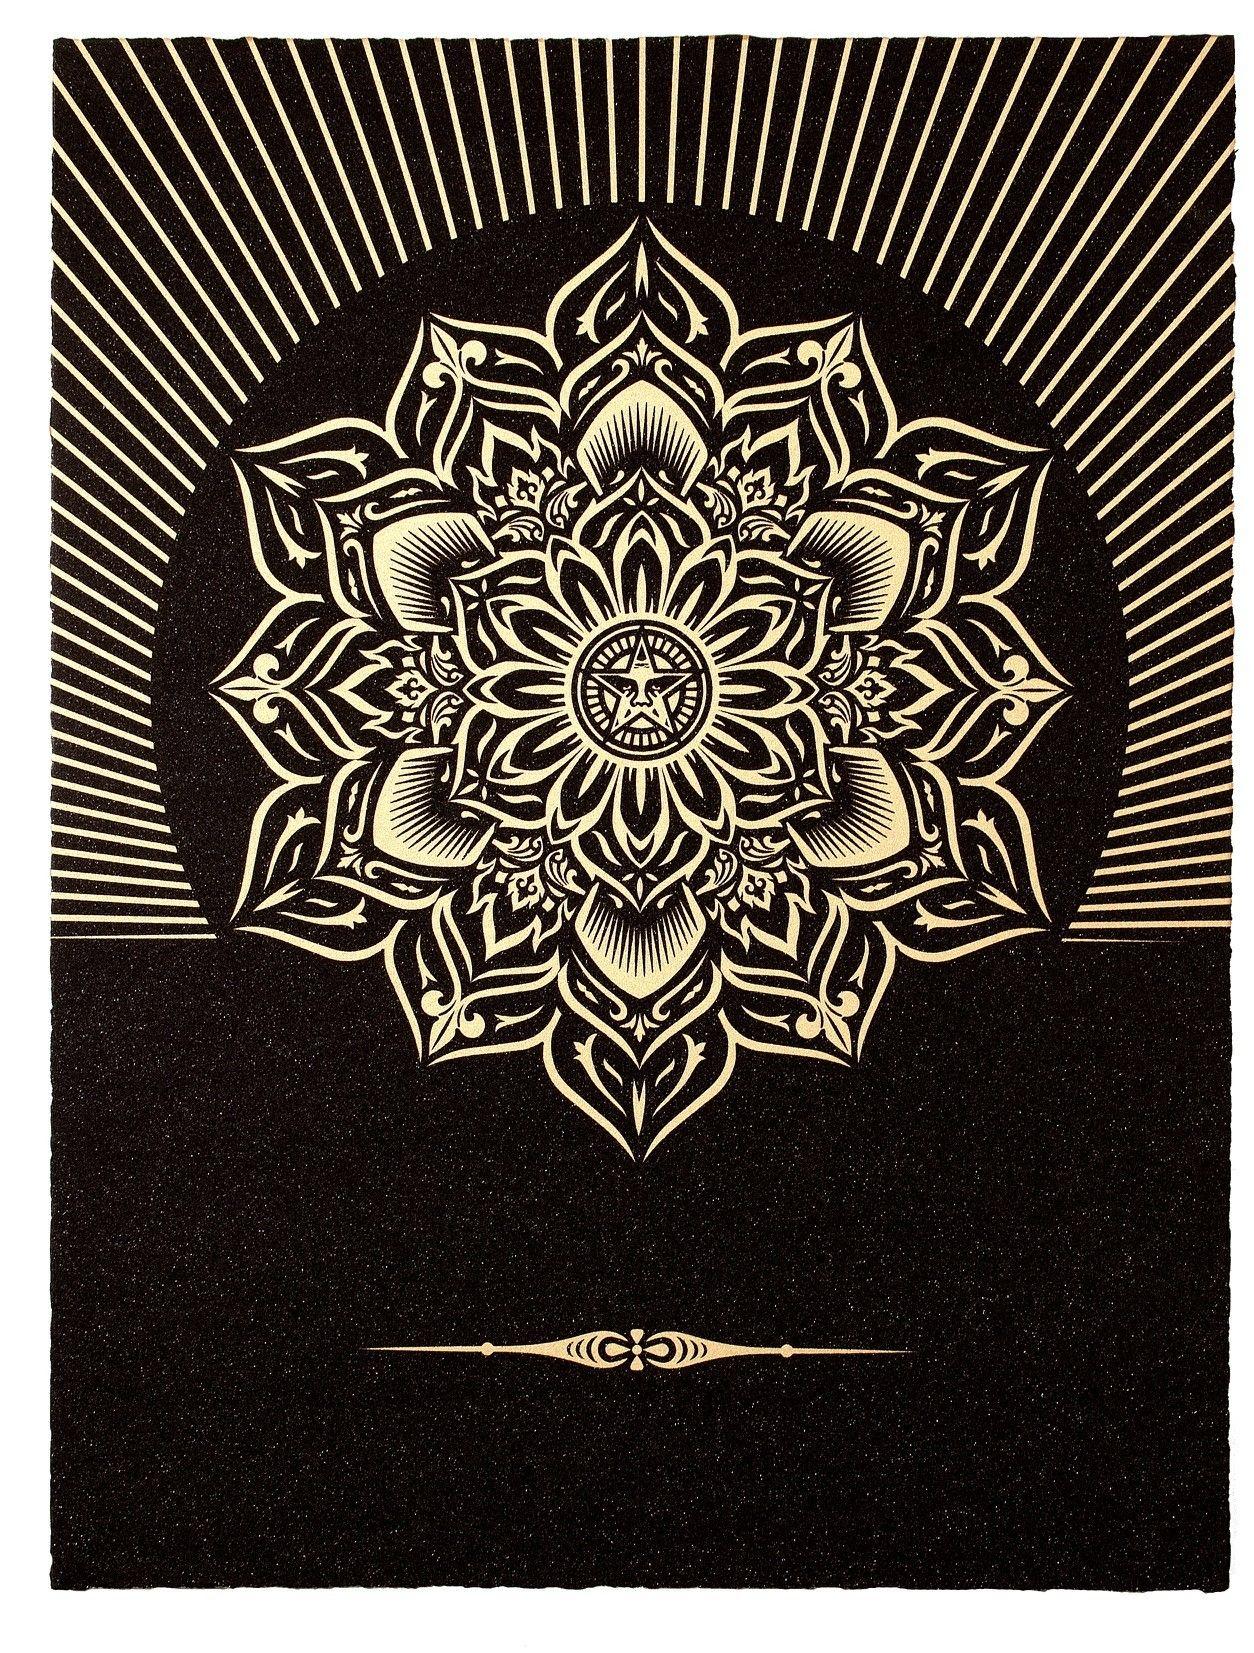 Entdecken und kaufen Sie Obey Lotus Diamond (Black & Gold) von ...